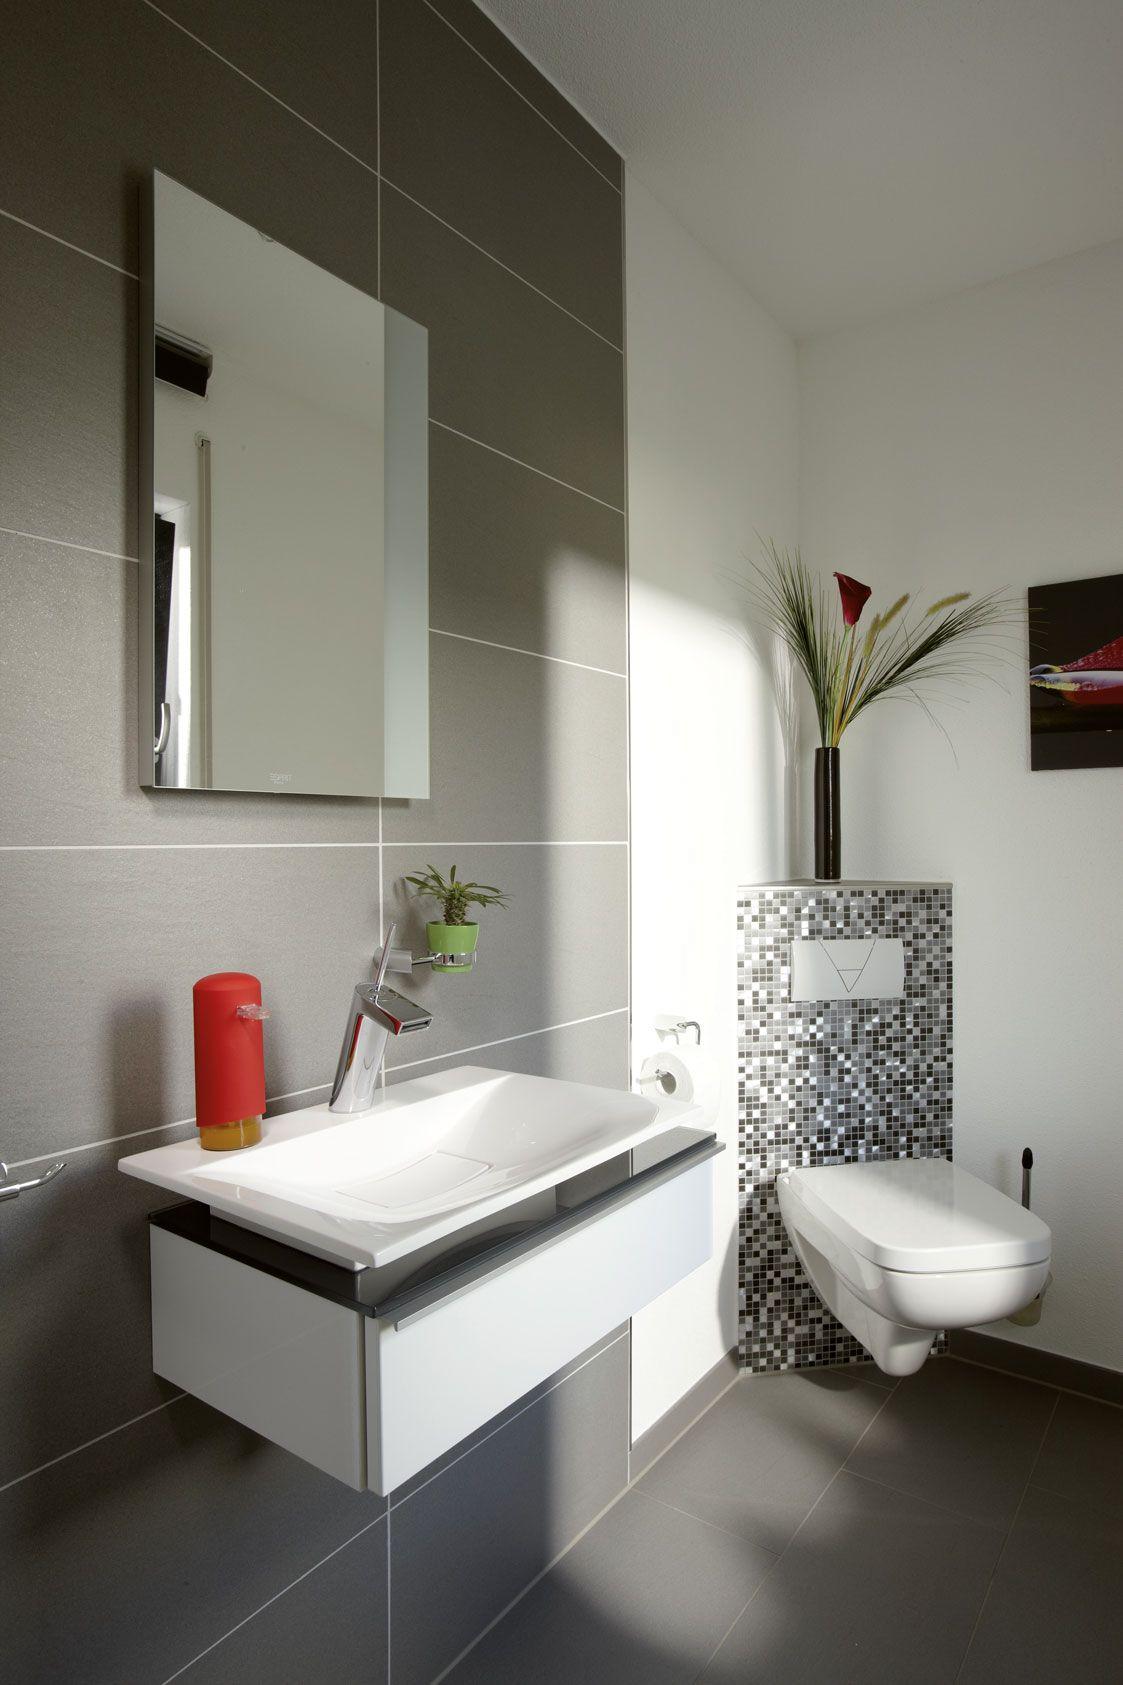 Elegantes Bad Mit Eingearbeiteten Mosaikfliesen Kleines Bad Fliesen Mosaikfliesen Gaste Wc Gestalten